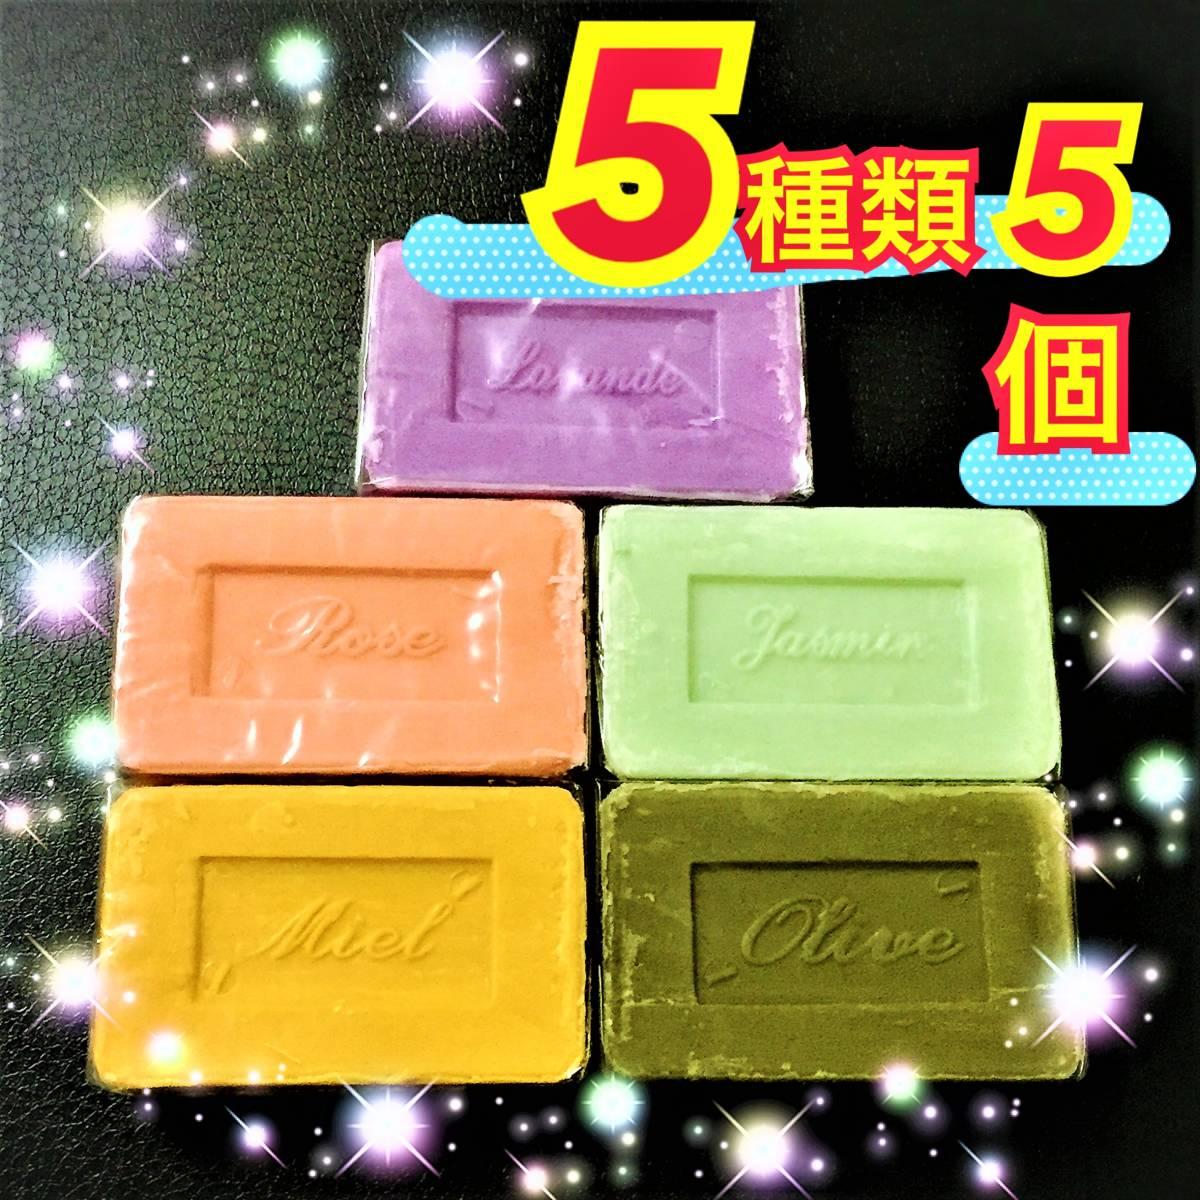 マルセイユ石鹸 5種類 5個 コンプリートセット_画像1